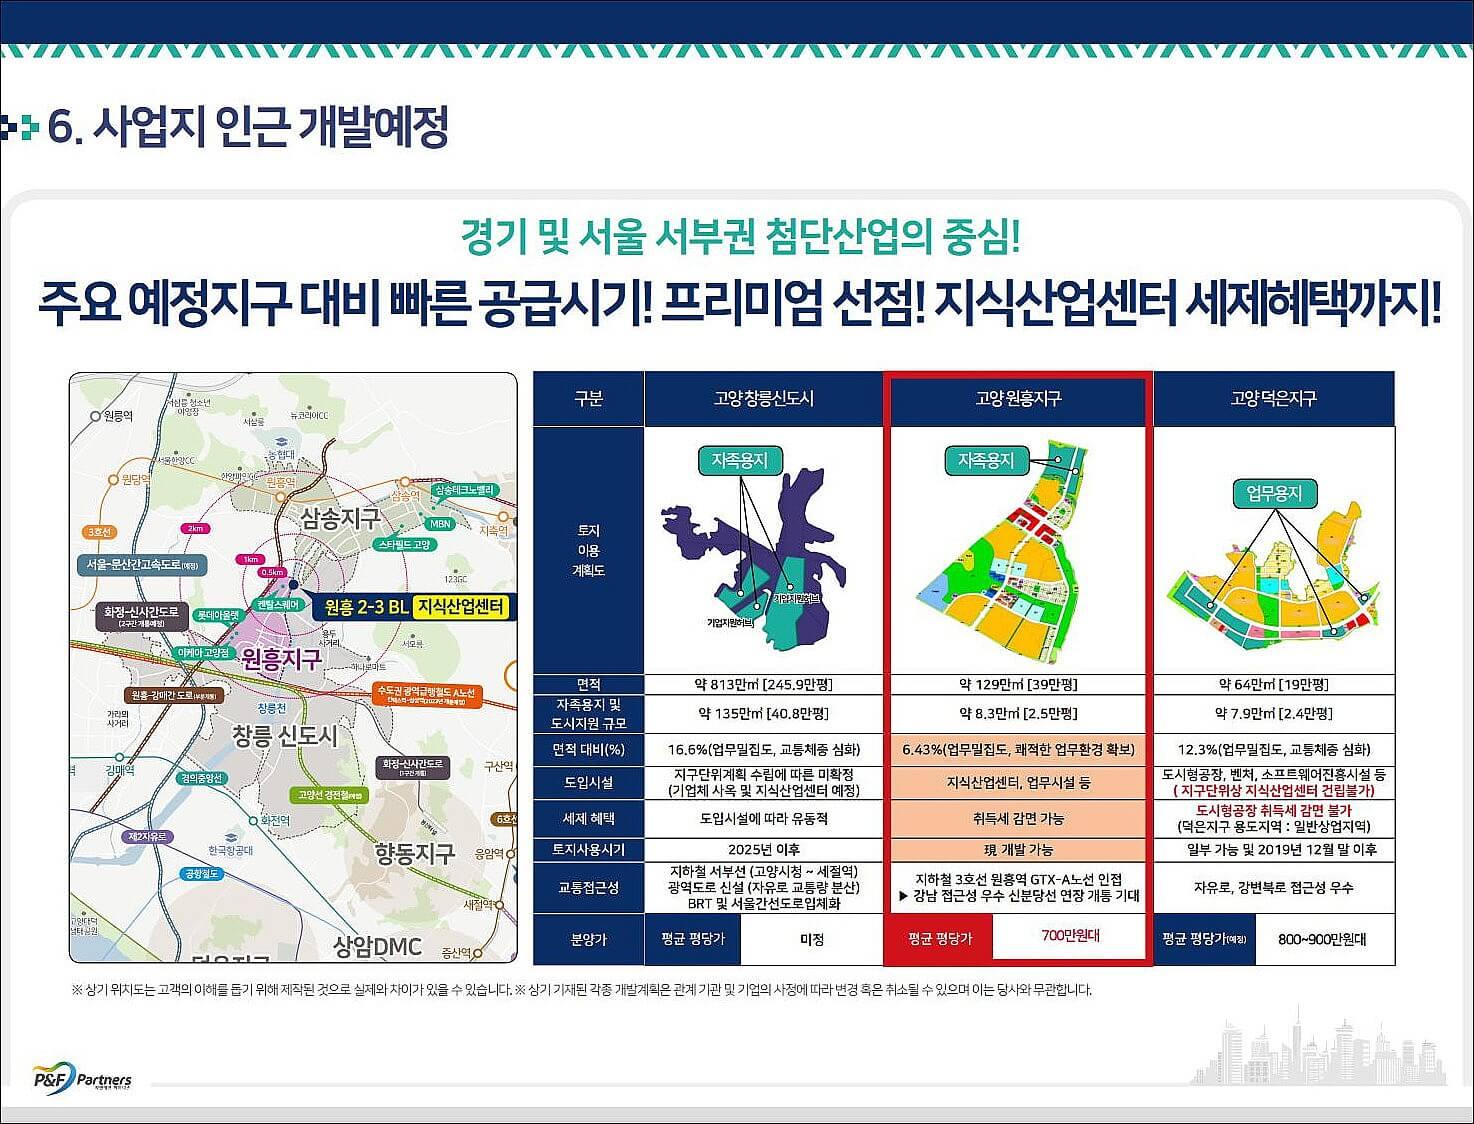 원흥 지식산업센터_개발계획4